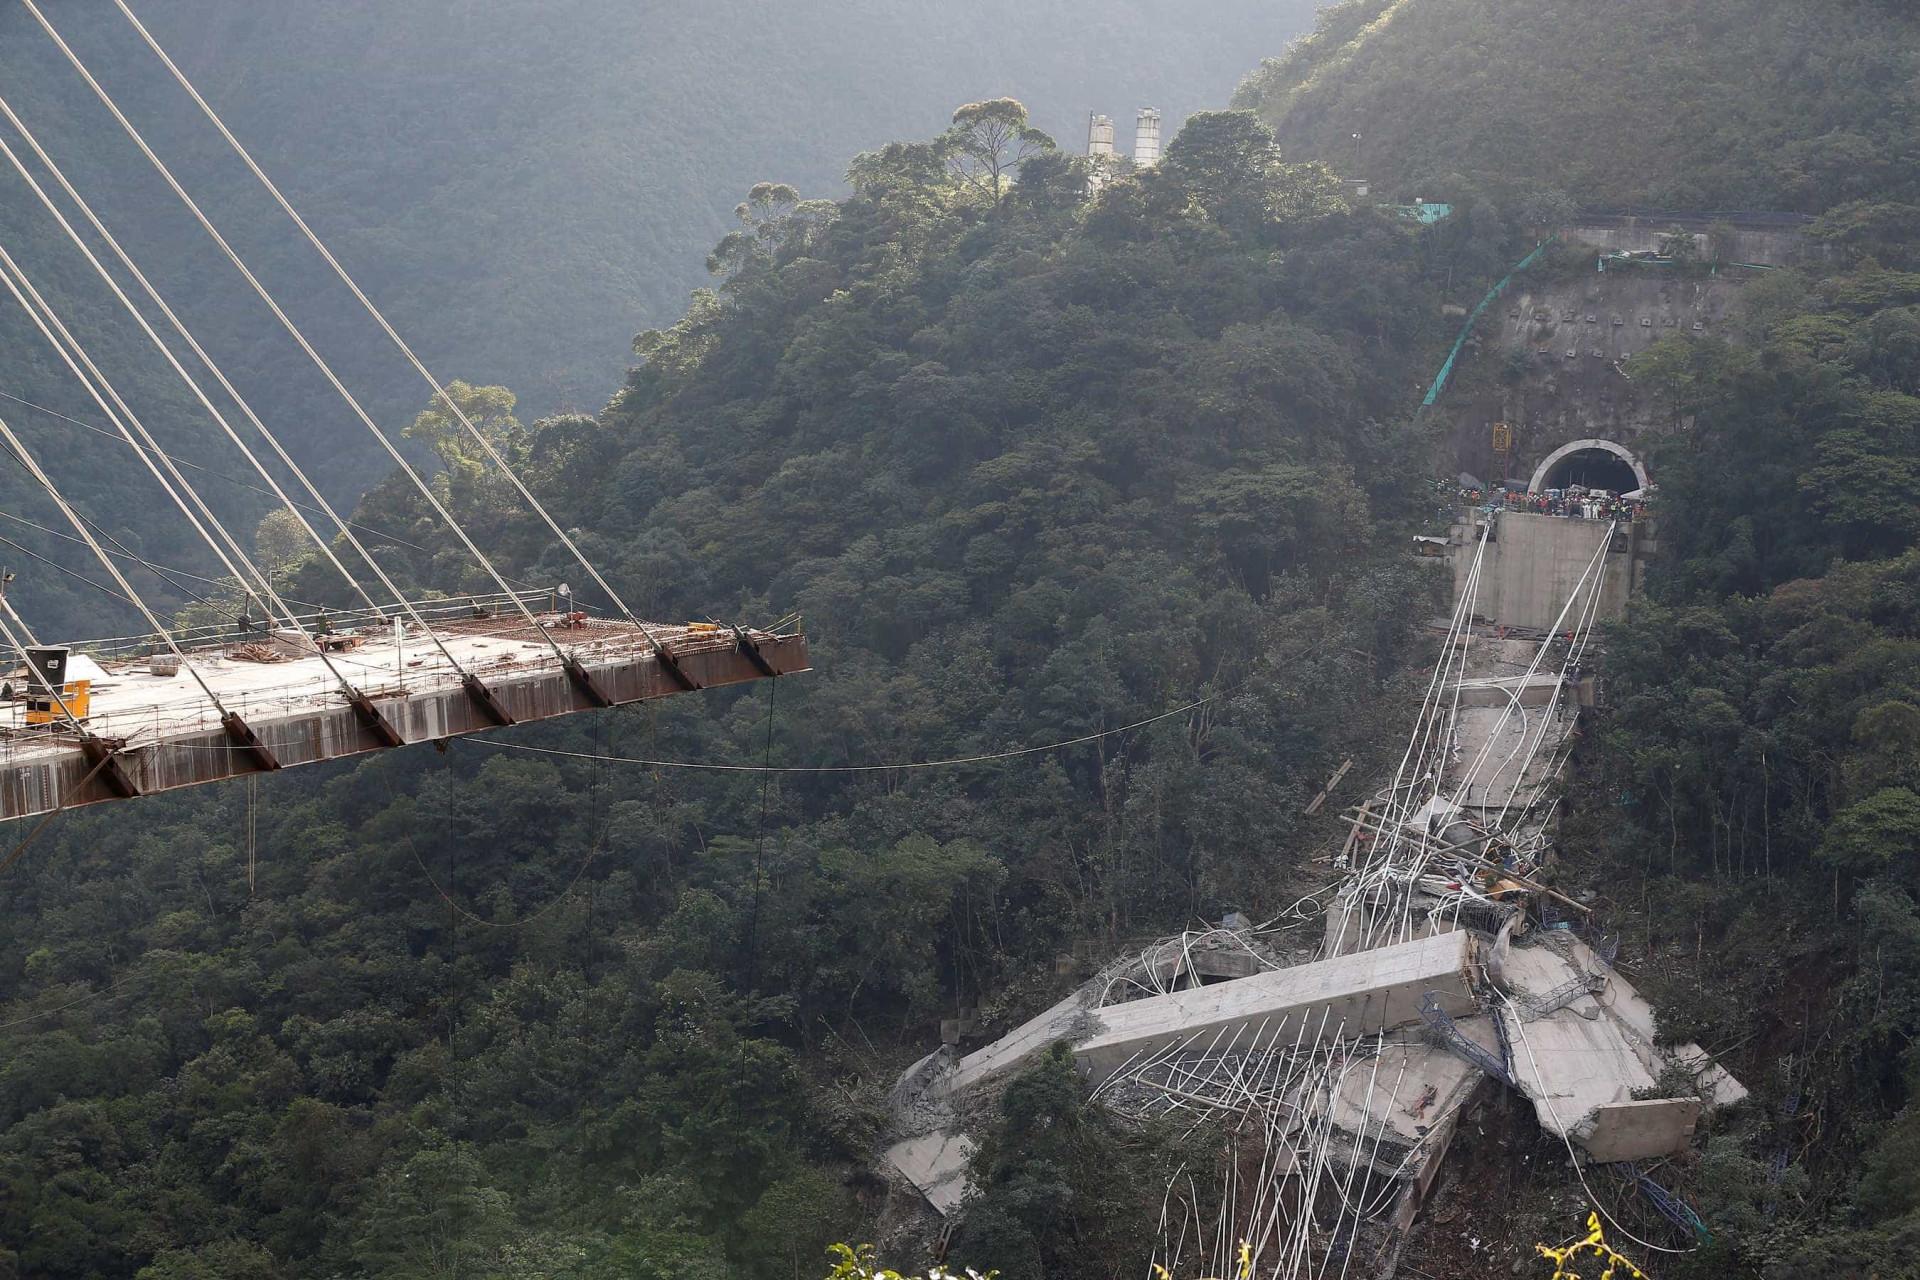 As imagens da queda da ponte na Colômbia que fez 10 mortos